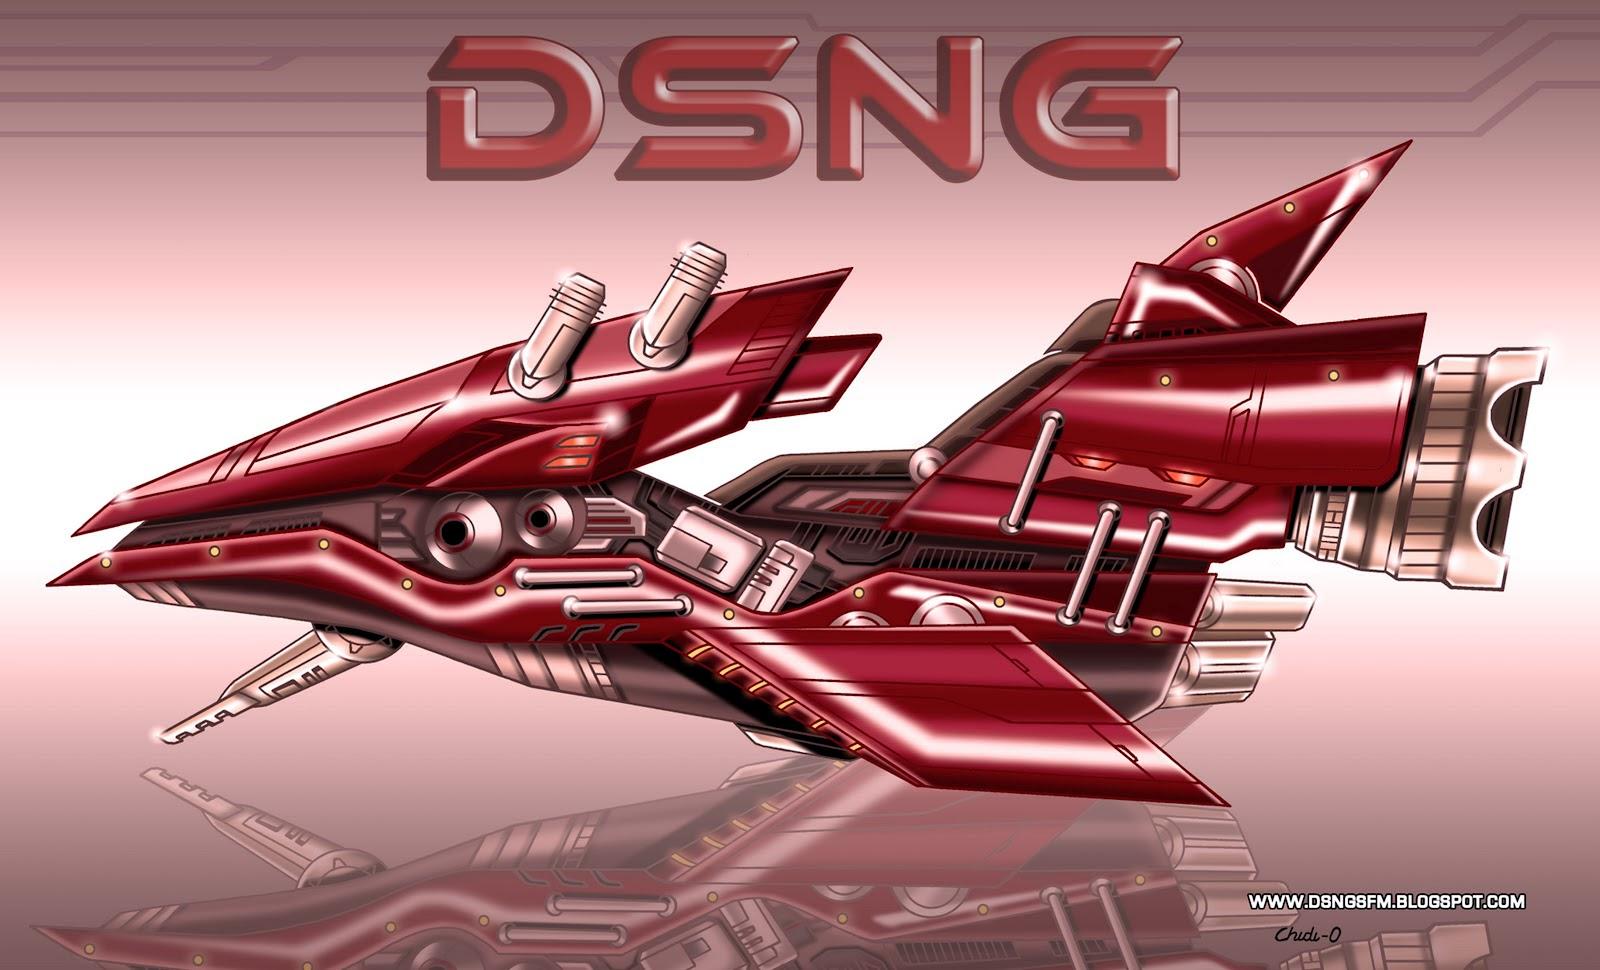 http://3.bp.blogspot.com/-_evdmBiy-28/T03uUtiXbSI/AAAAAAAAD6E/Z2u25409fY0/s1600/Cruiser%207%20steampunk%20spaceship%20hovercraft%20concept%20design%20futuristic%20drawing%20sci%20fi%20space%20craft%20cruiser%20hyper%20jet%20wallpaper%20poster%20by%20dsng%20artist.jpg